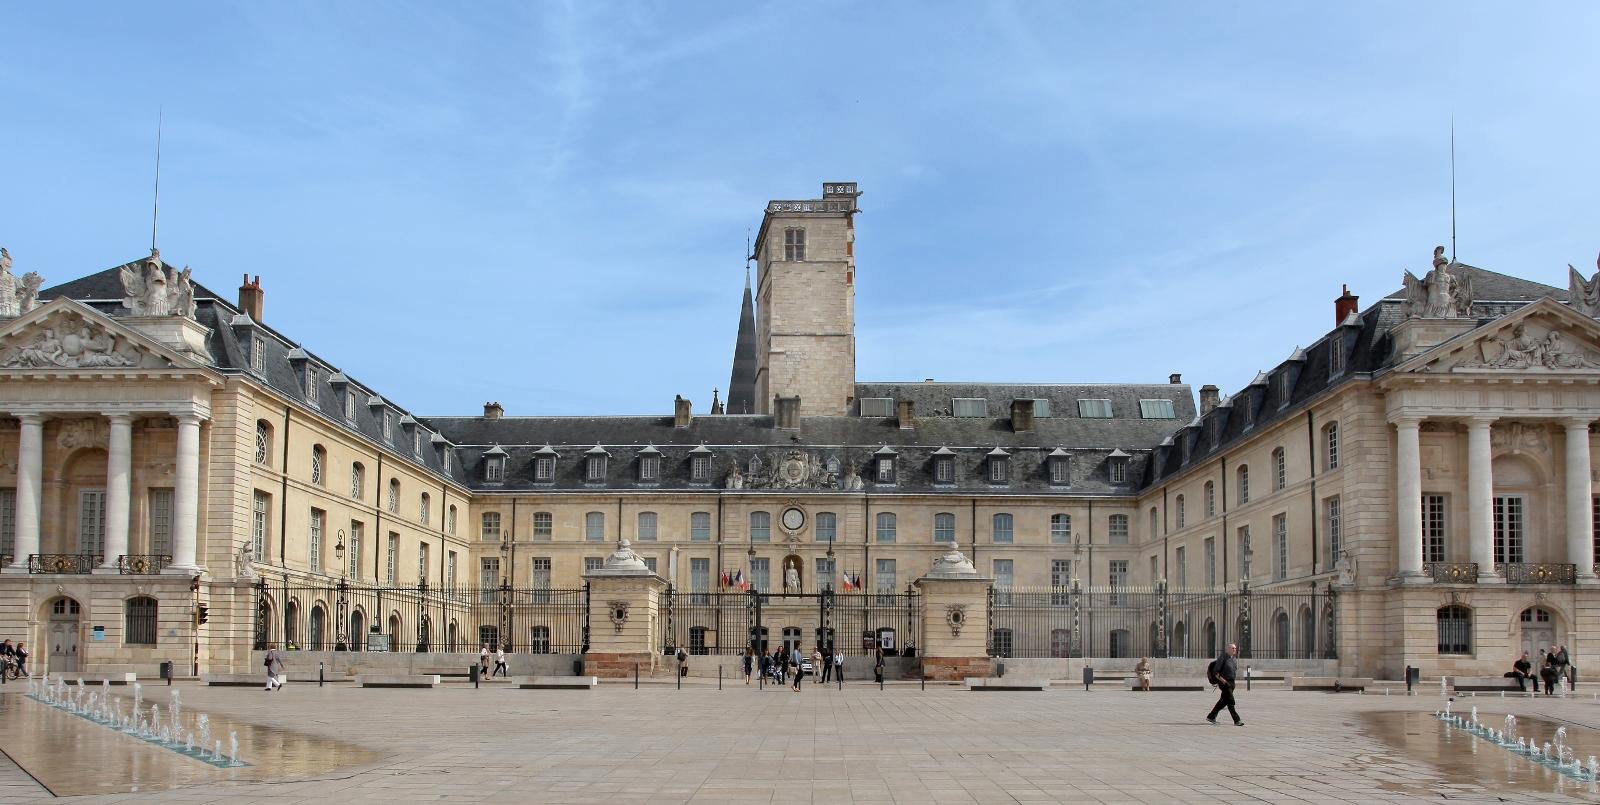 Votre mairie etat civil dijon au quotidien ville de - Mairie de guilherand granges etat civil ...